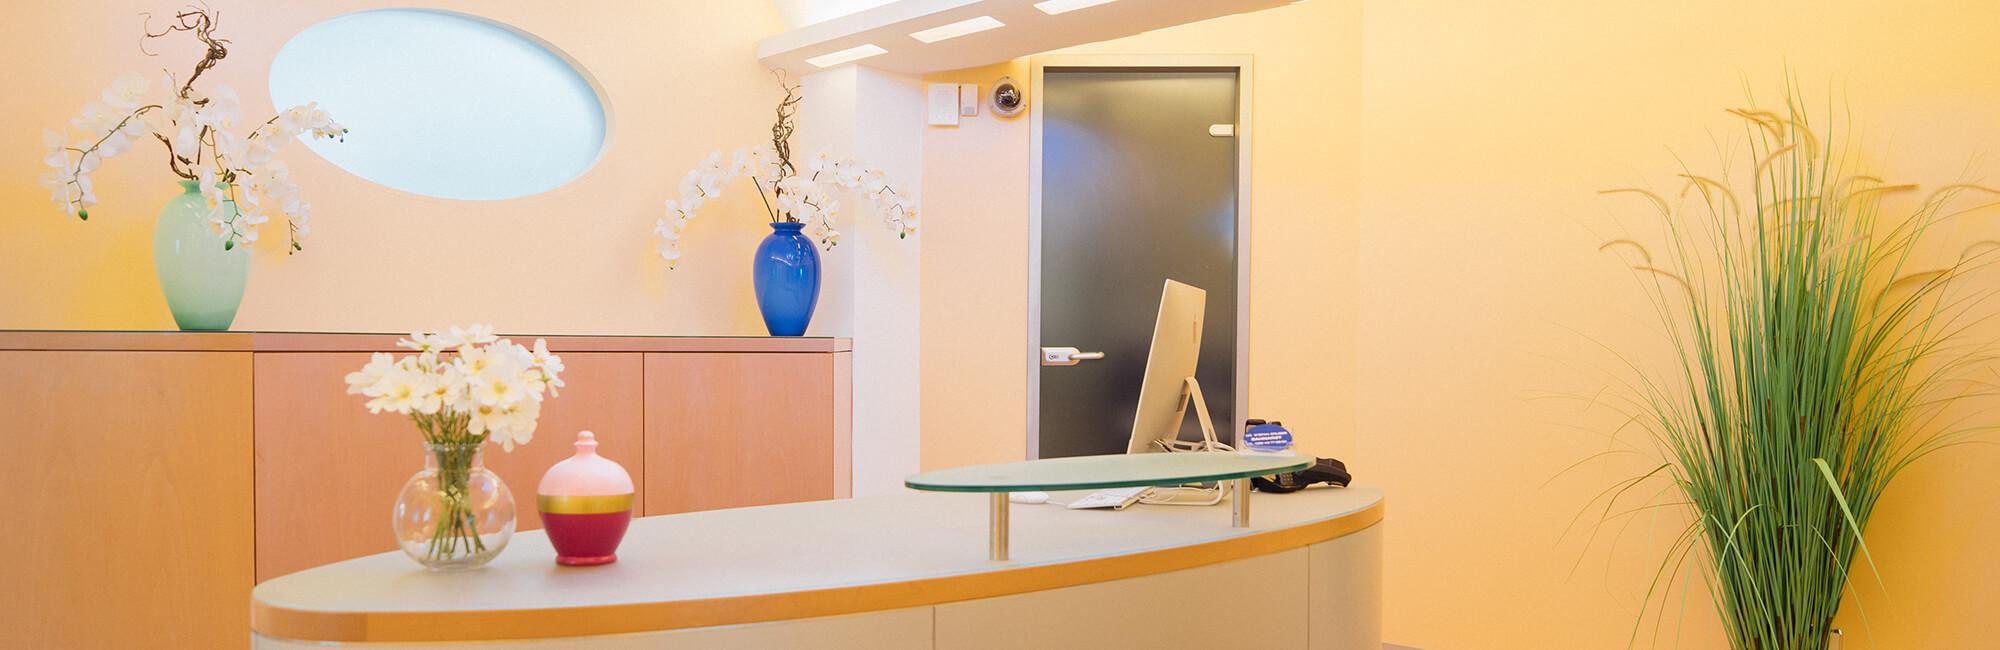 Zahnarzt Trudering - Dr. Gruber - wir sind auch gerne für Patienten aus Waldtrudering, Haar, Riem oder Neuperlach da